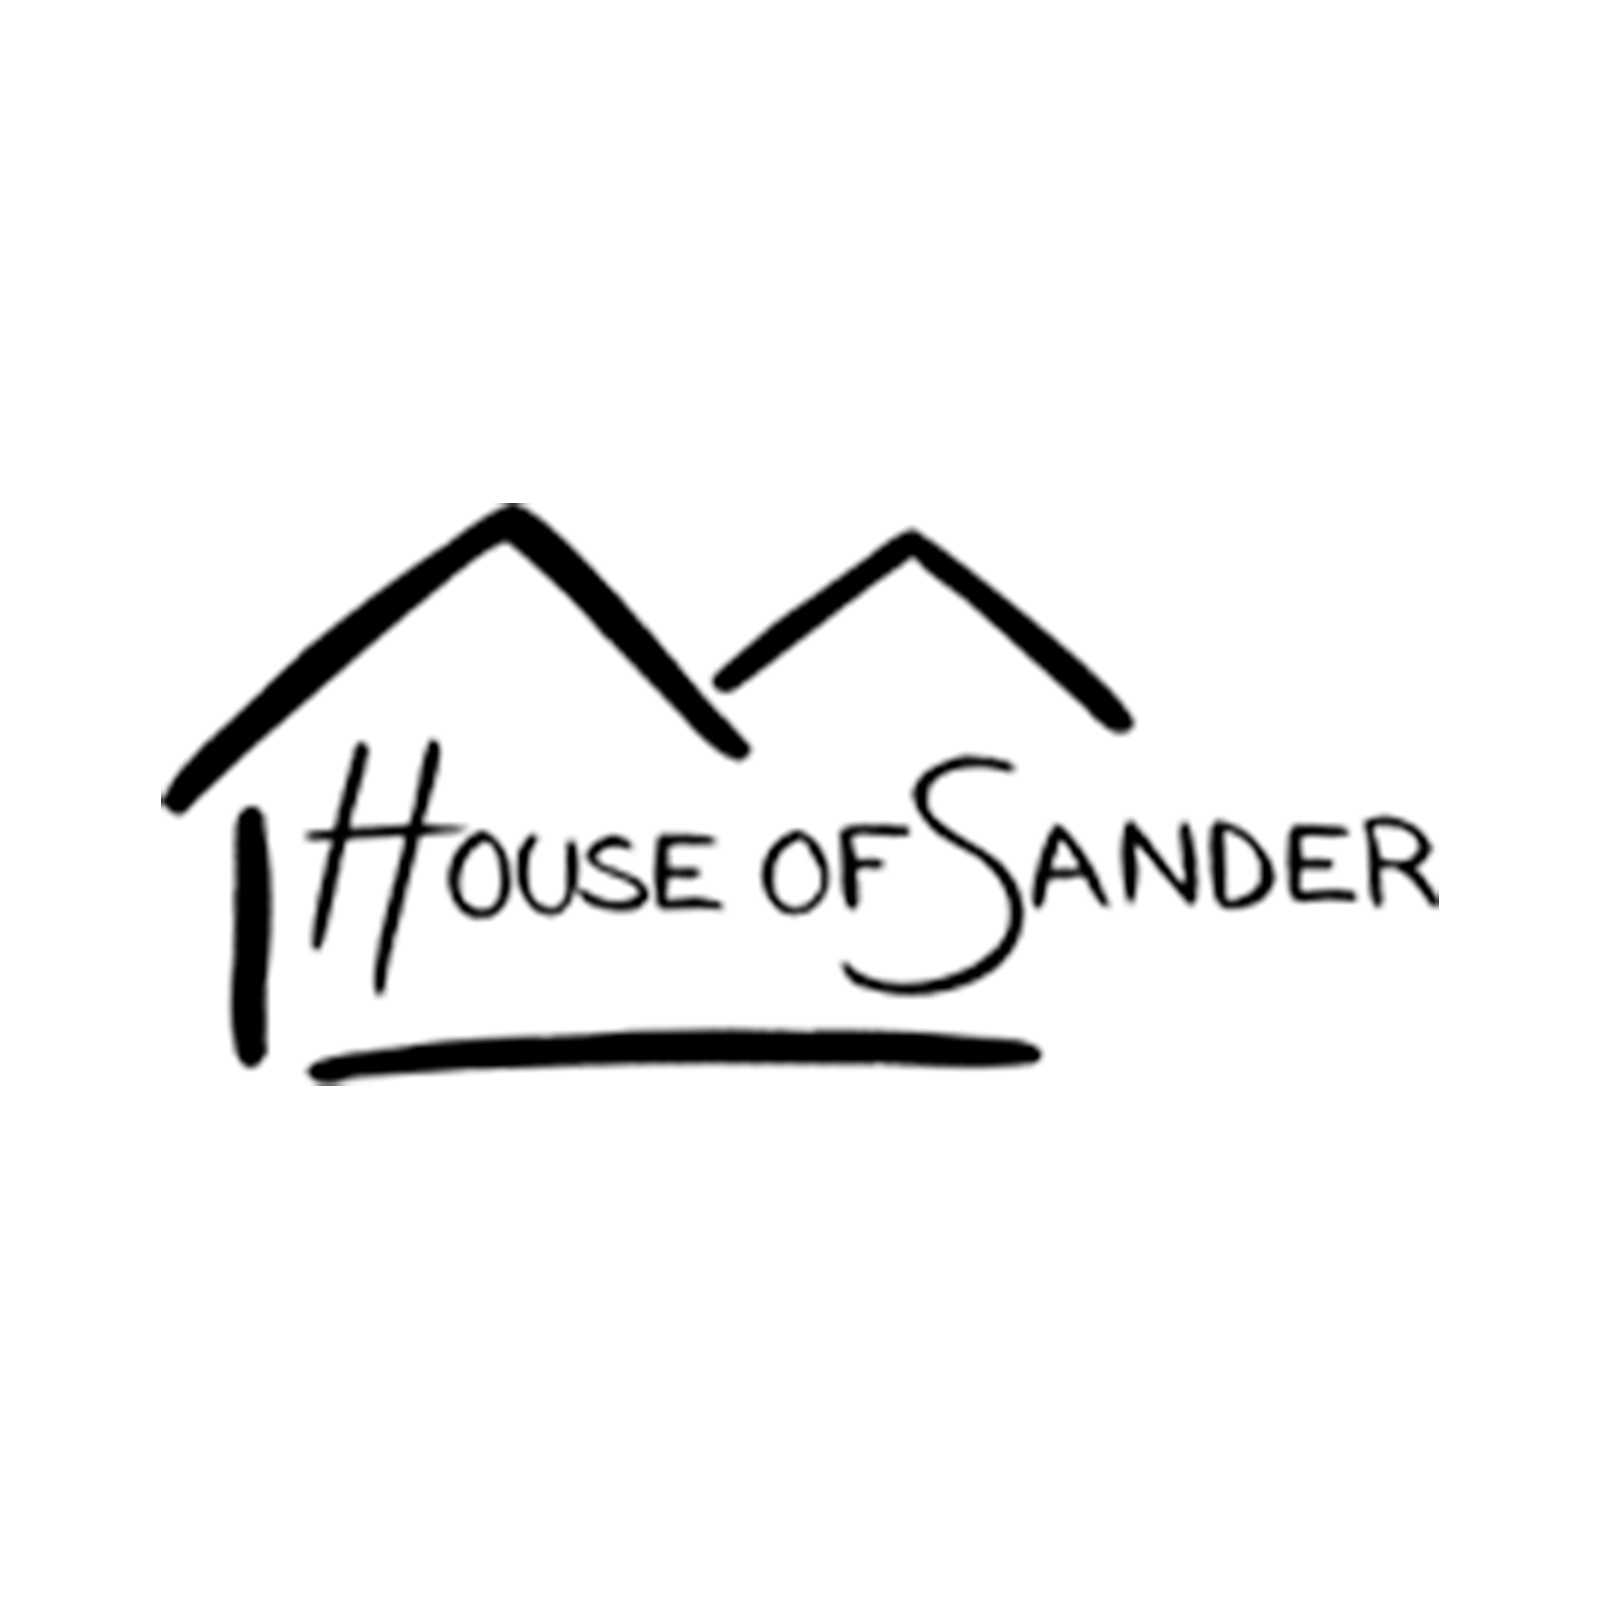 house of sander logo